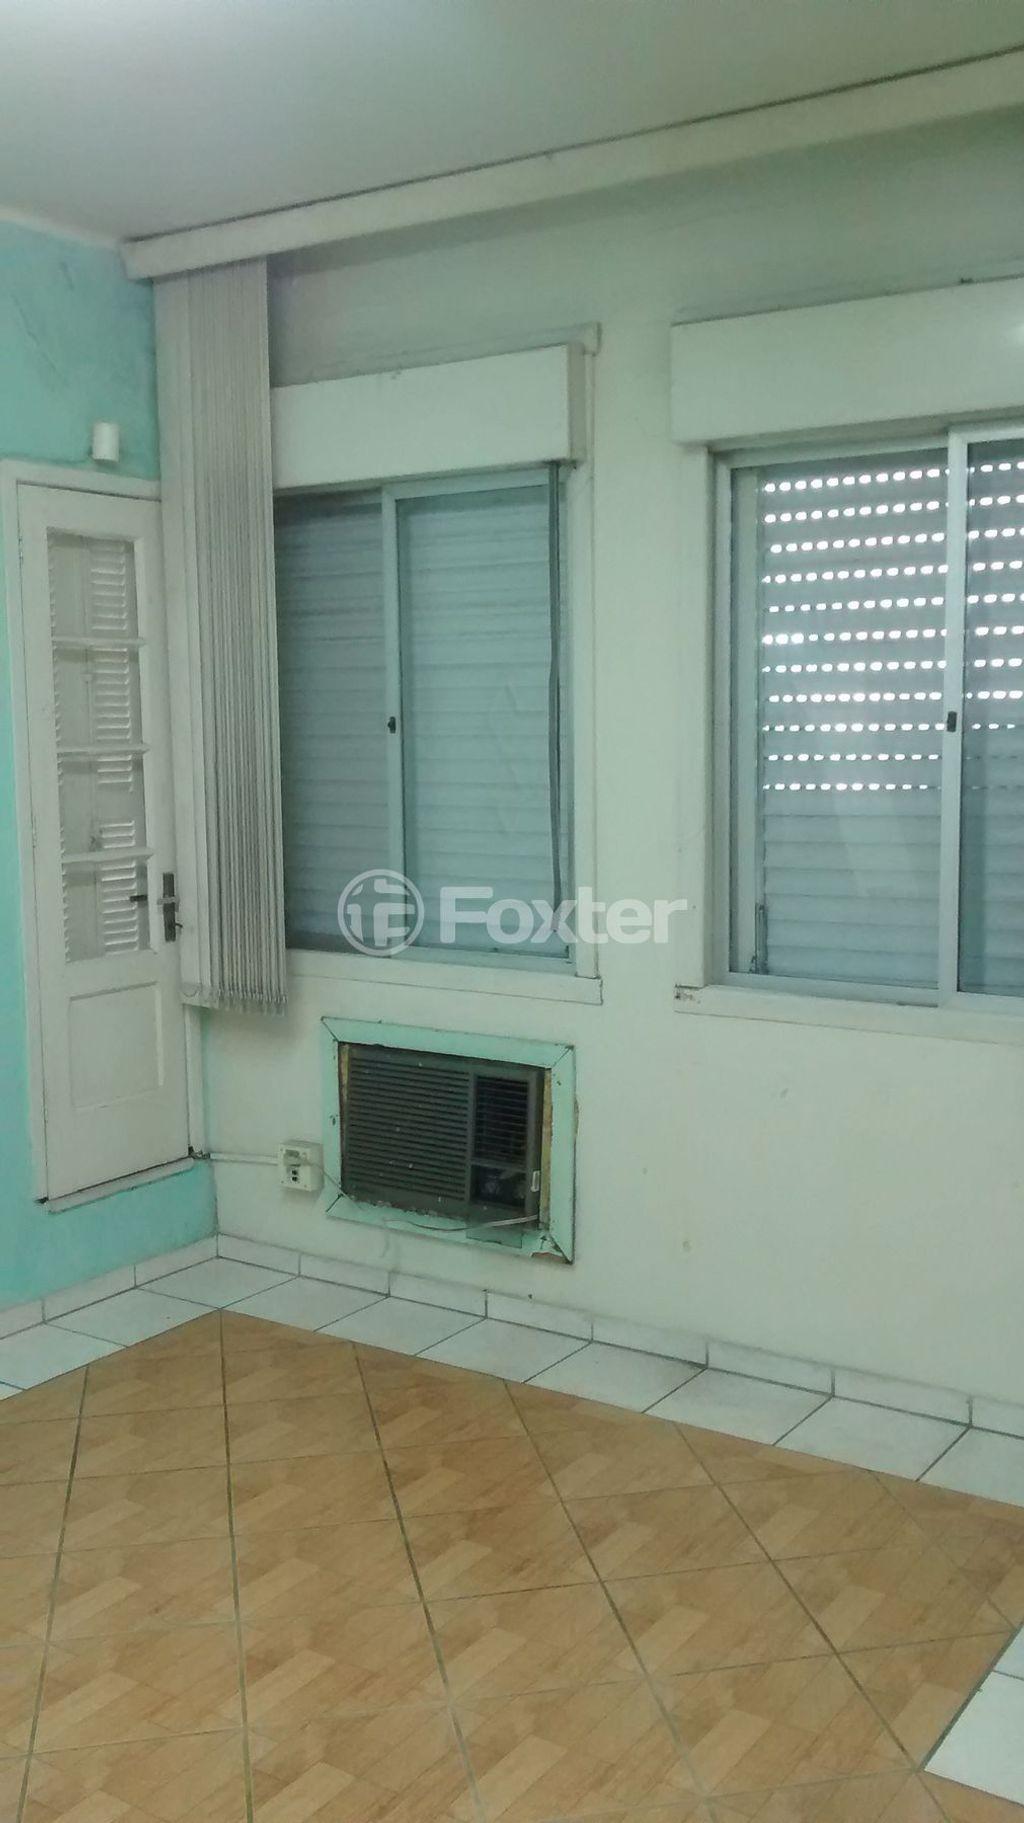 Casa 3 Dorm, Auxiliadora, Porto Alegre (125534) - Foto 21